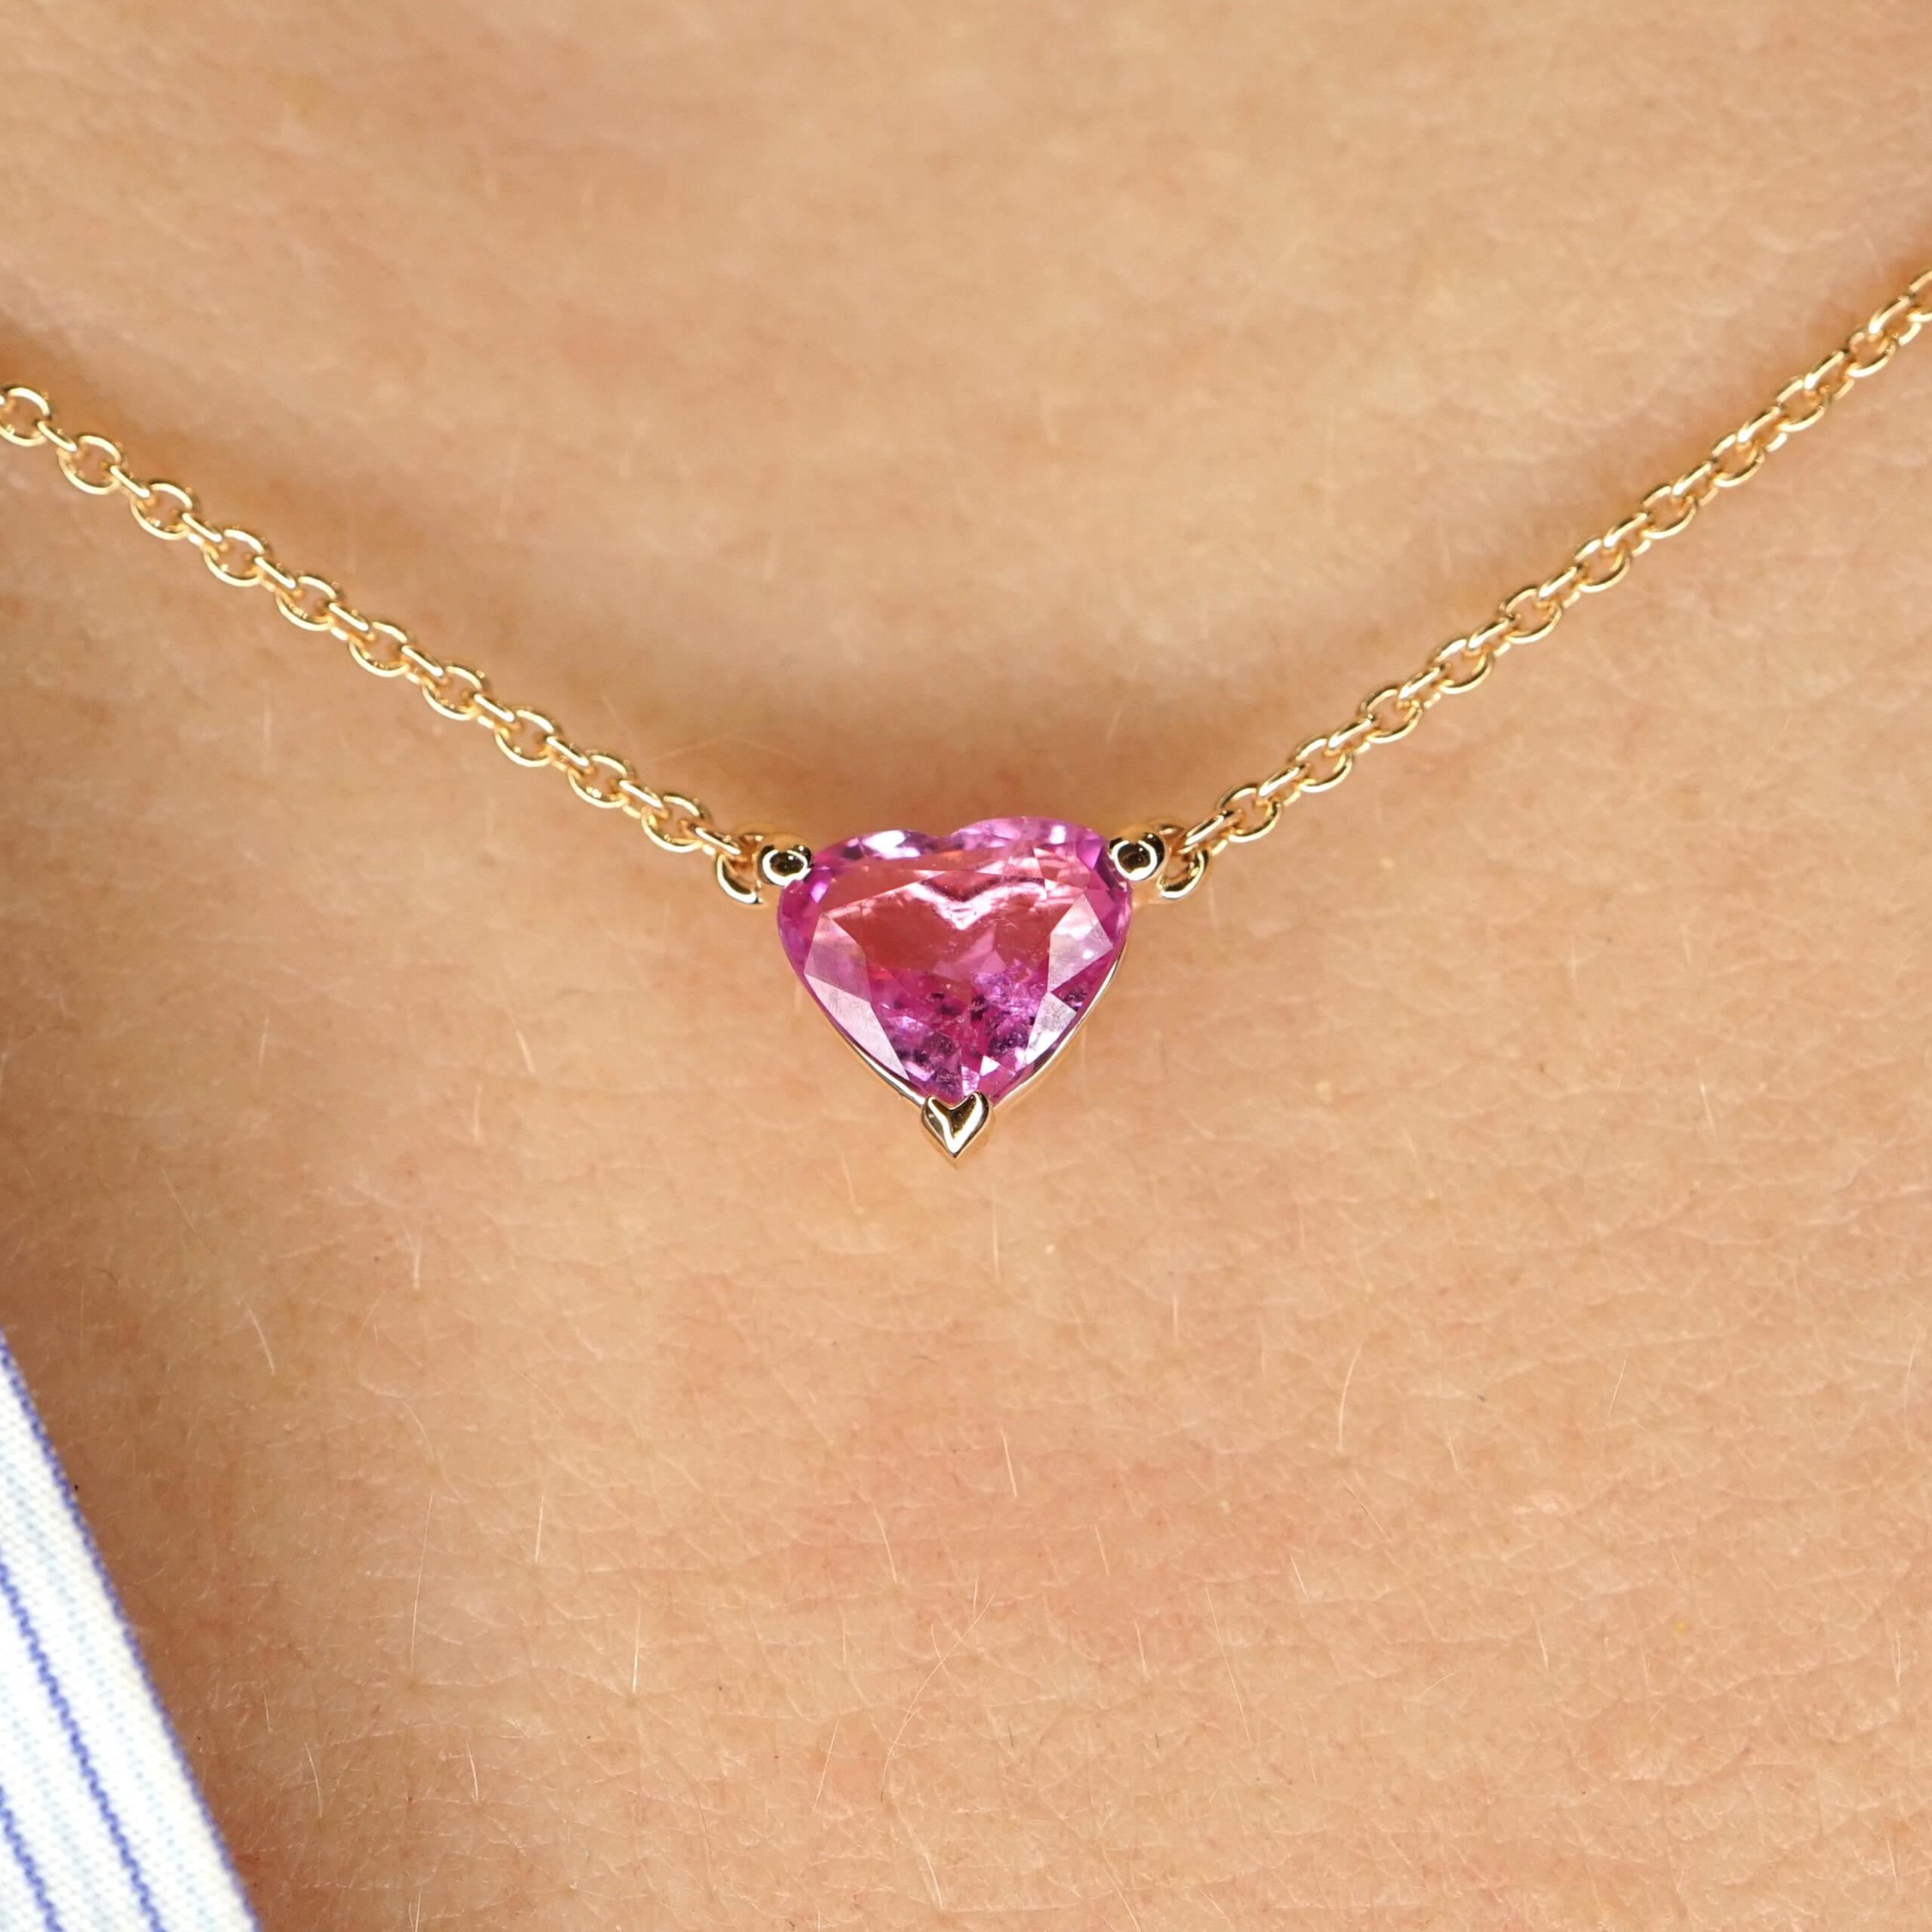 Crivelli - Collana in oro rosa con zaffiro rosa pendente taglio cuore e diamantino sulla chiusura